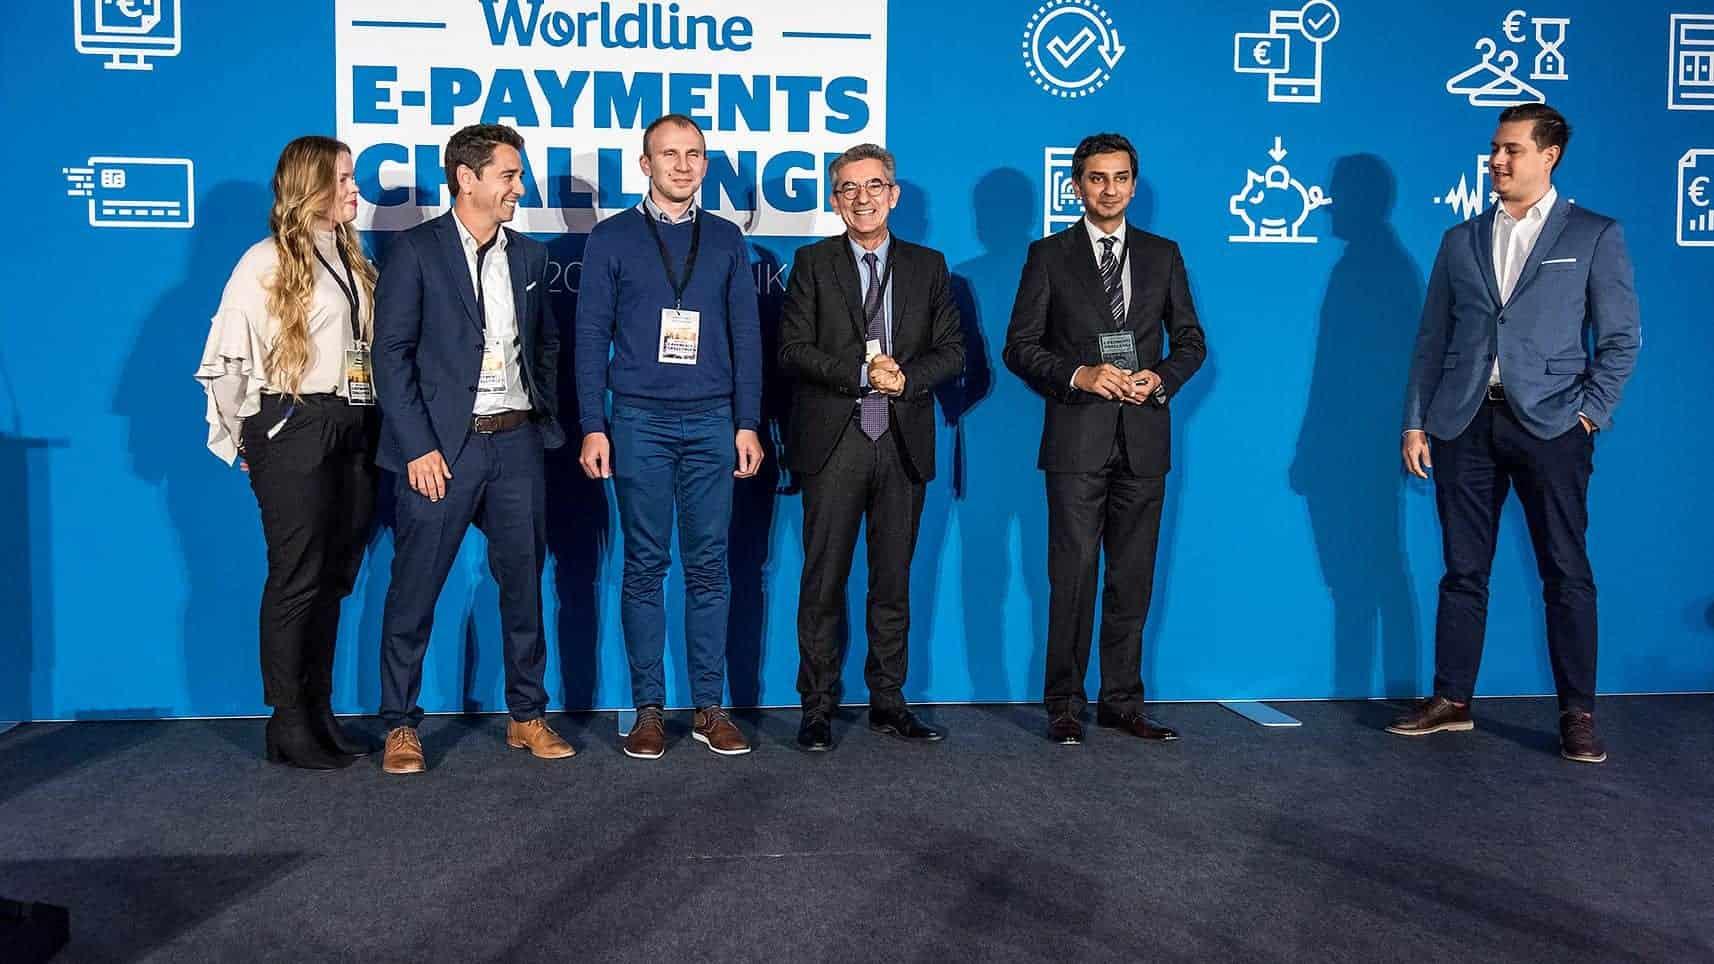 Hackathon Payment Wettbewerb Start-ups Fintech Pay-Lösung